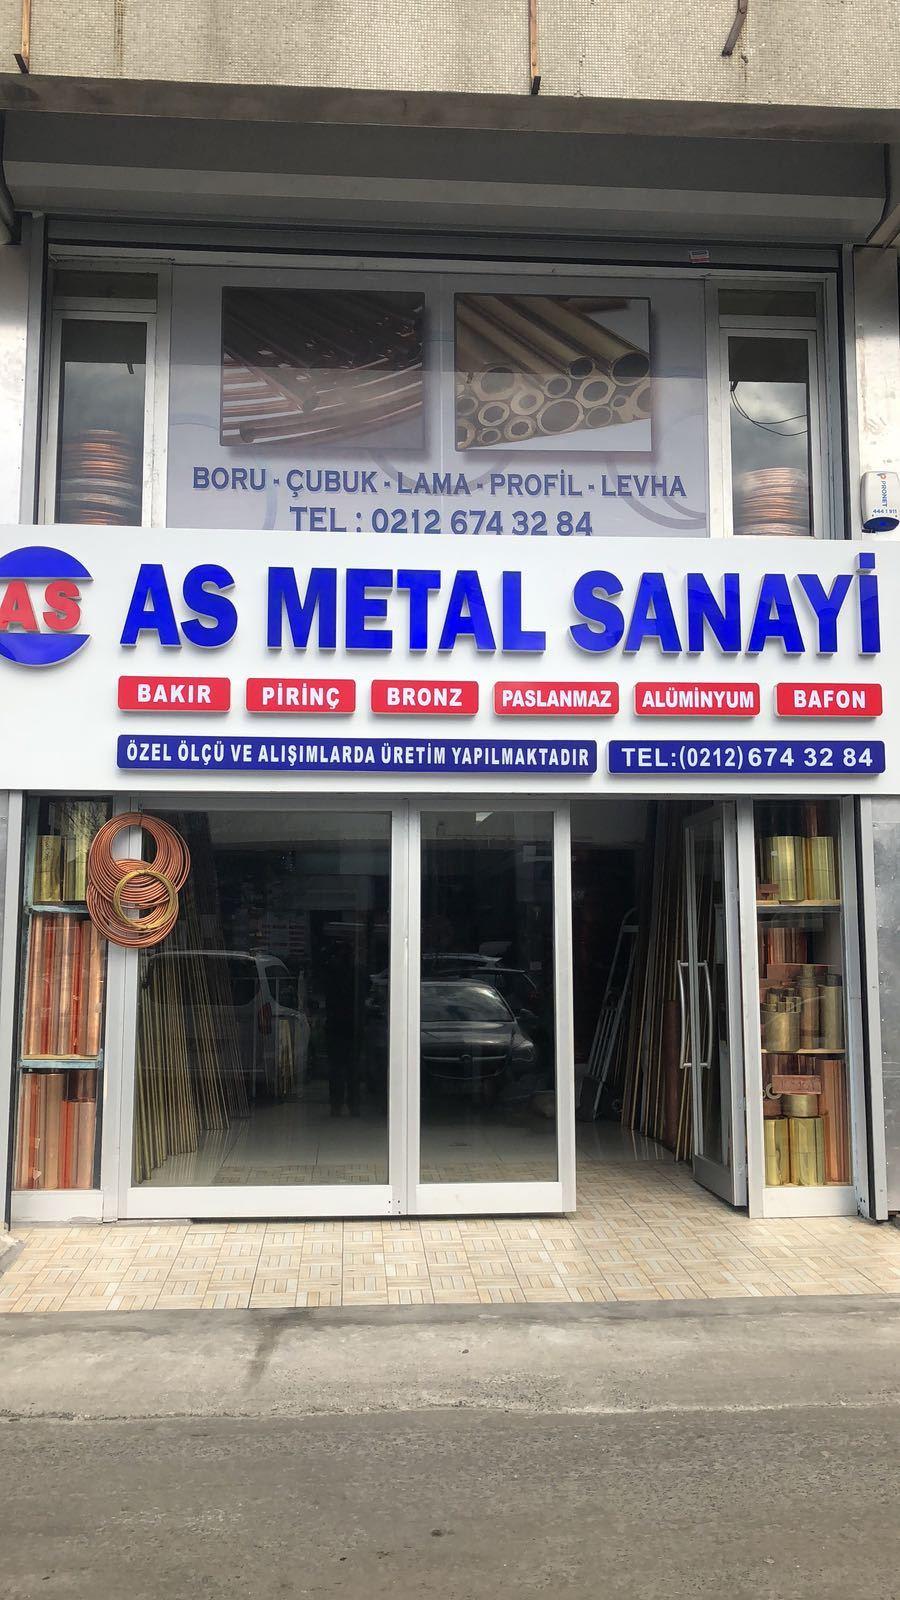 Assa Maden Metal San Ve Tic.Ltd.Şti